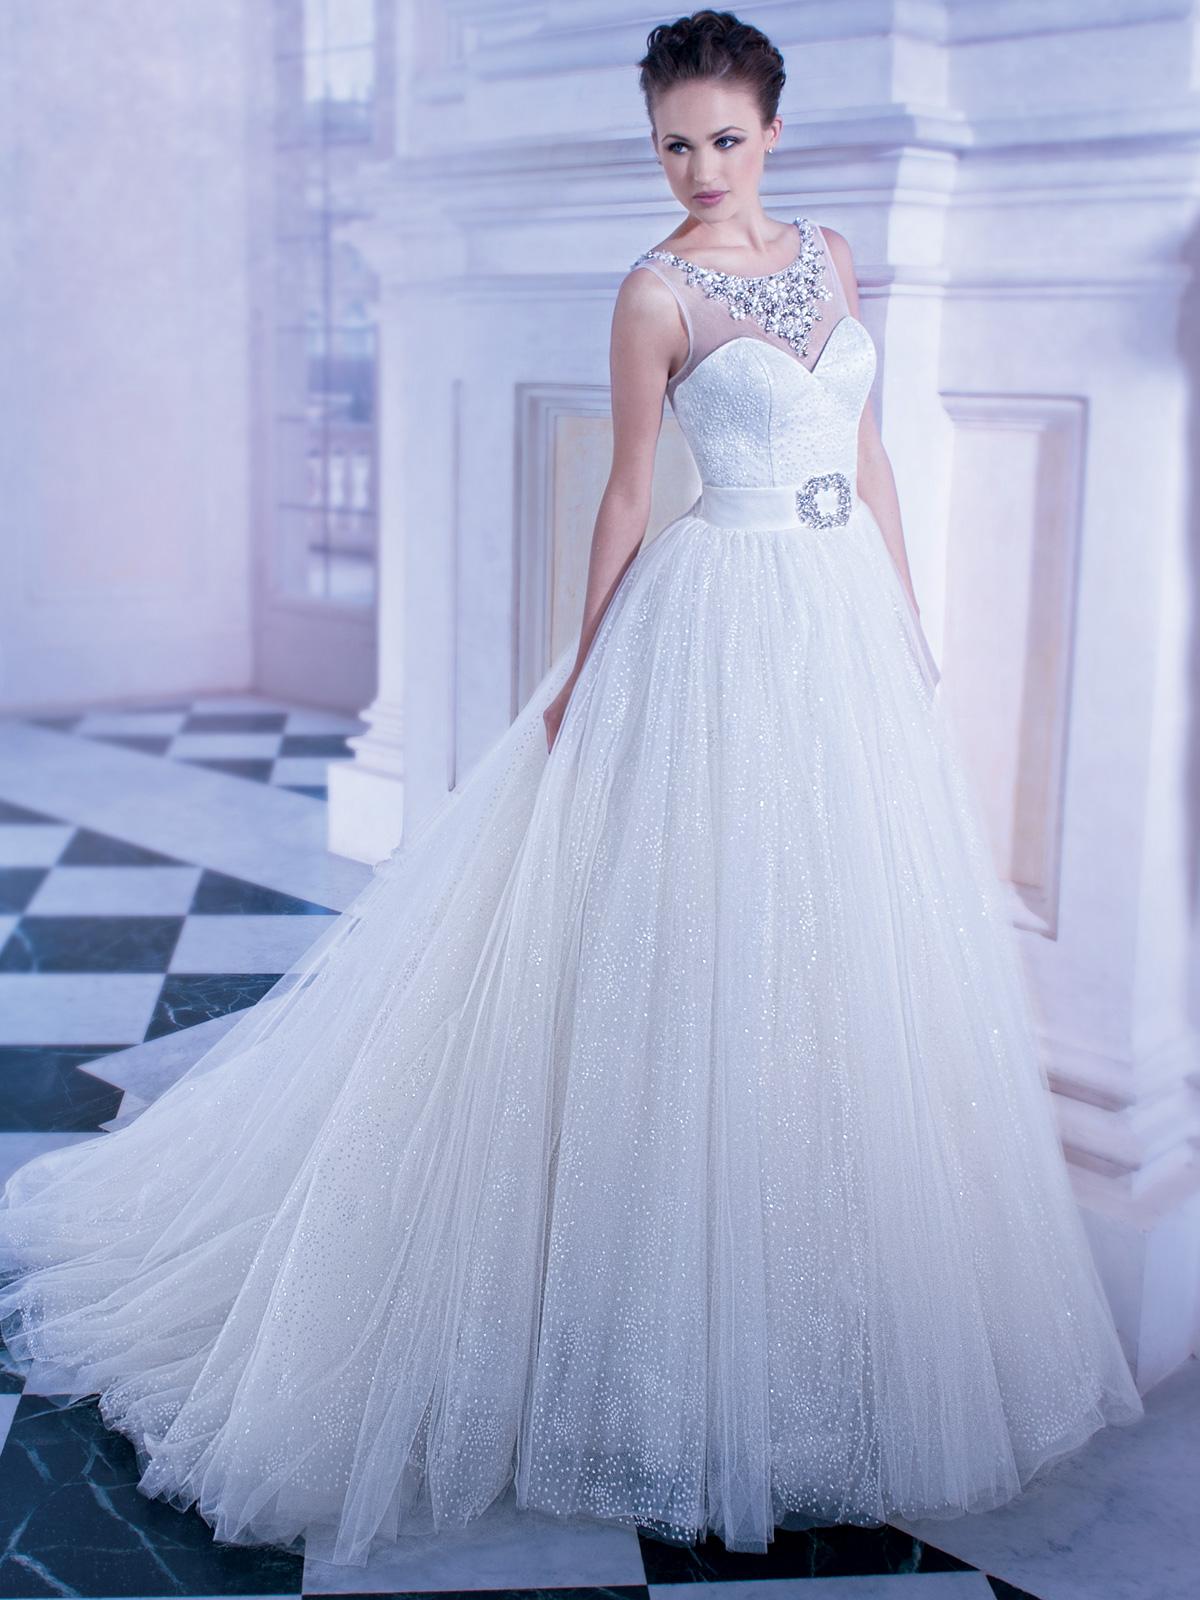 Vestido de Noiva decote princesa e colo na transparência, confeccionado com tule trabalhado, saia ampla e cinto de cetim com broche em pedraria, leve cauda e decote em V nas costas.